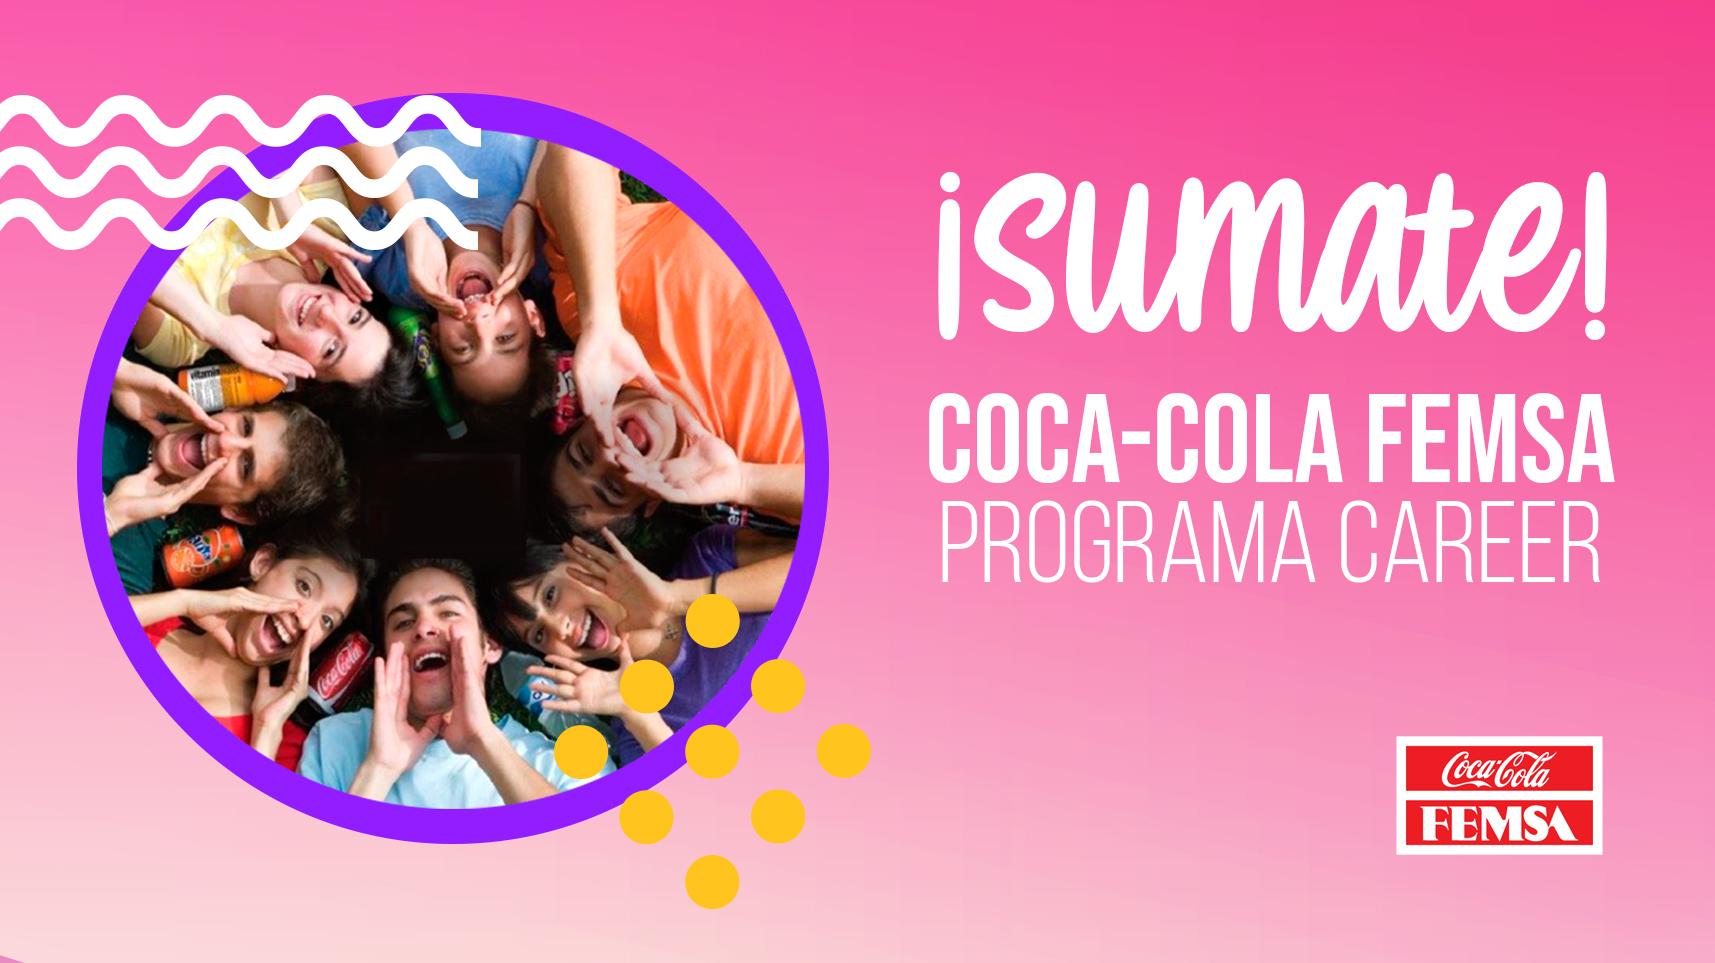 Coca-Cola FEMSA Career, el programa para tu lanzamiento profesional.